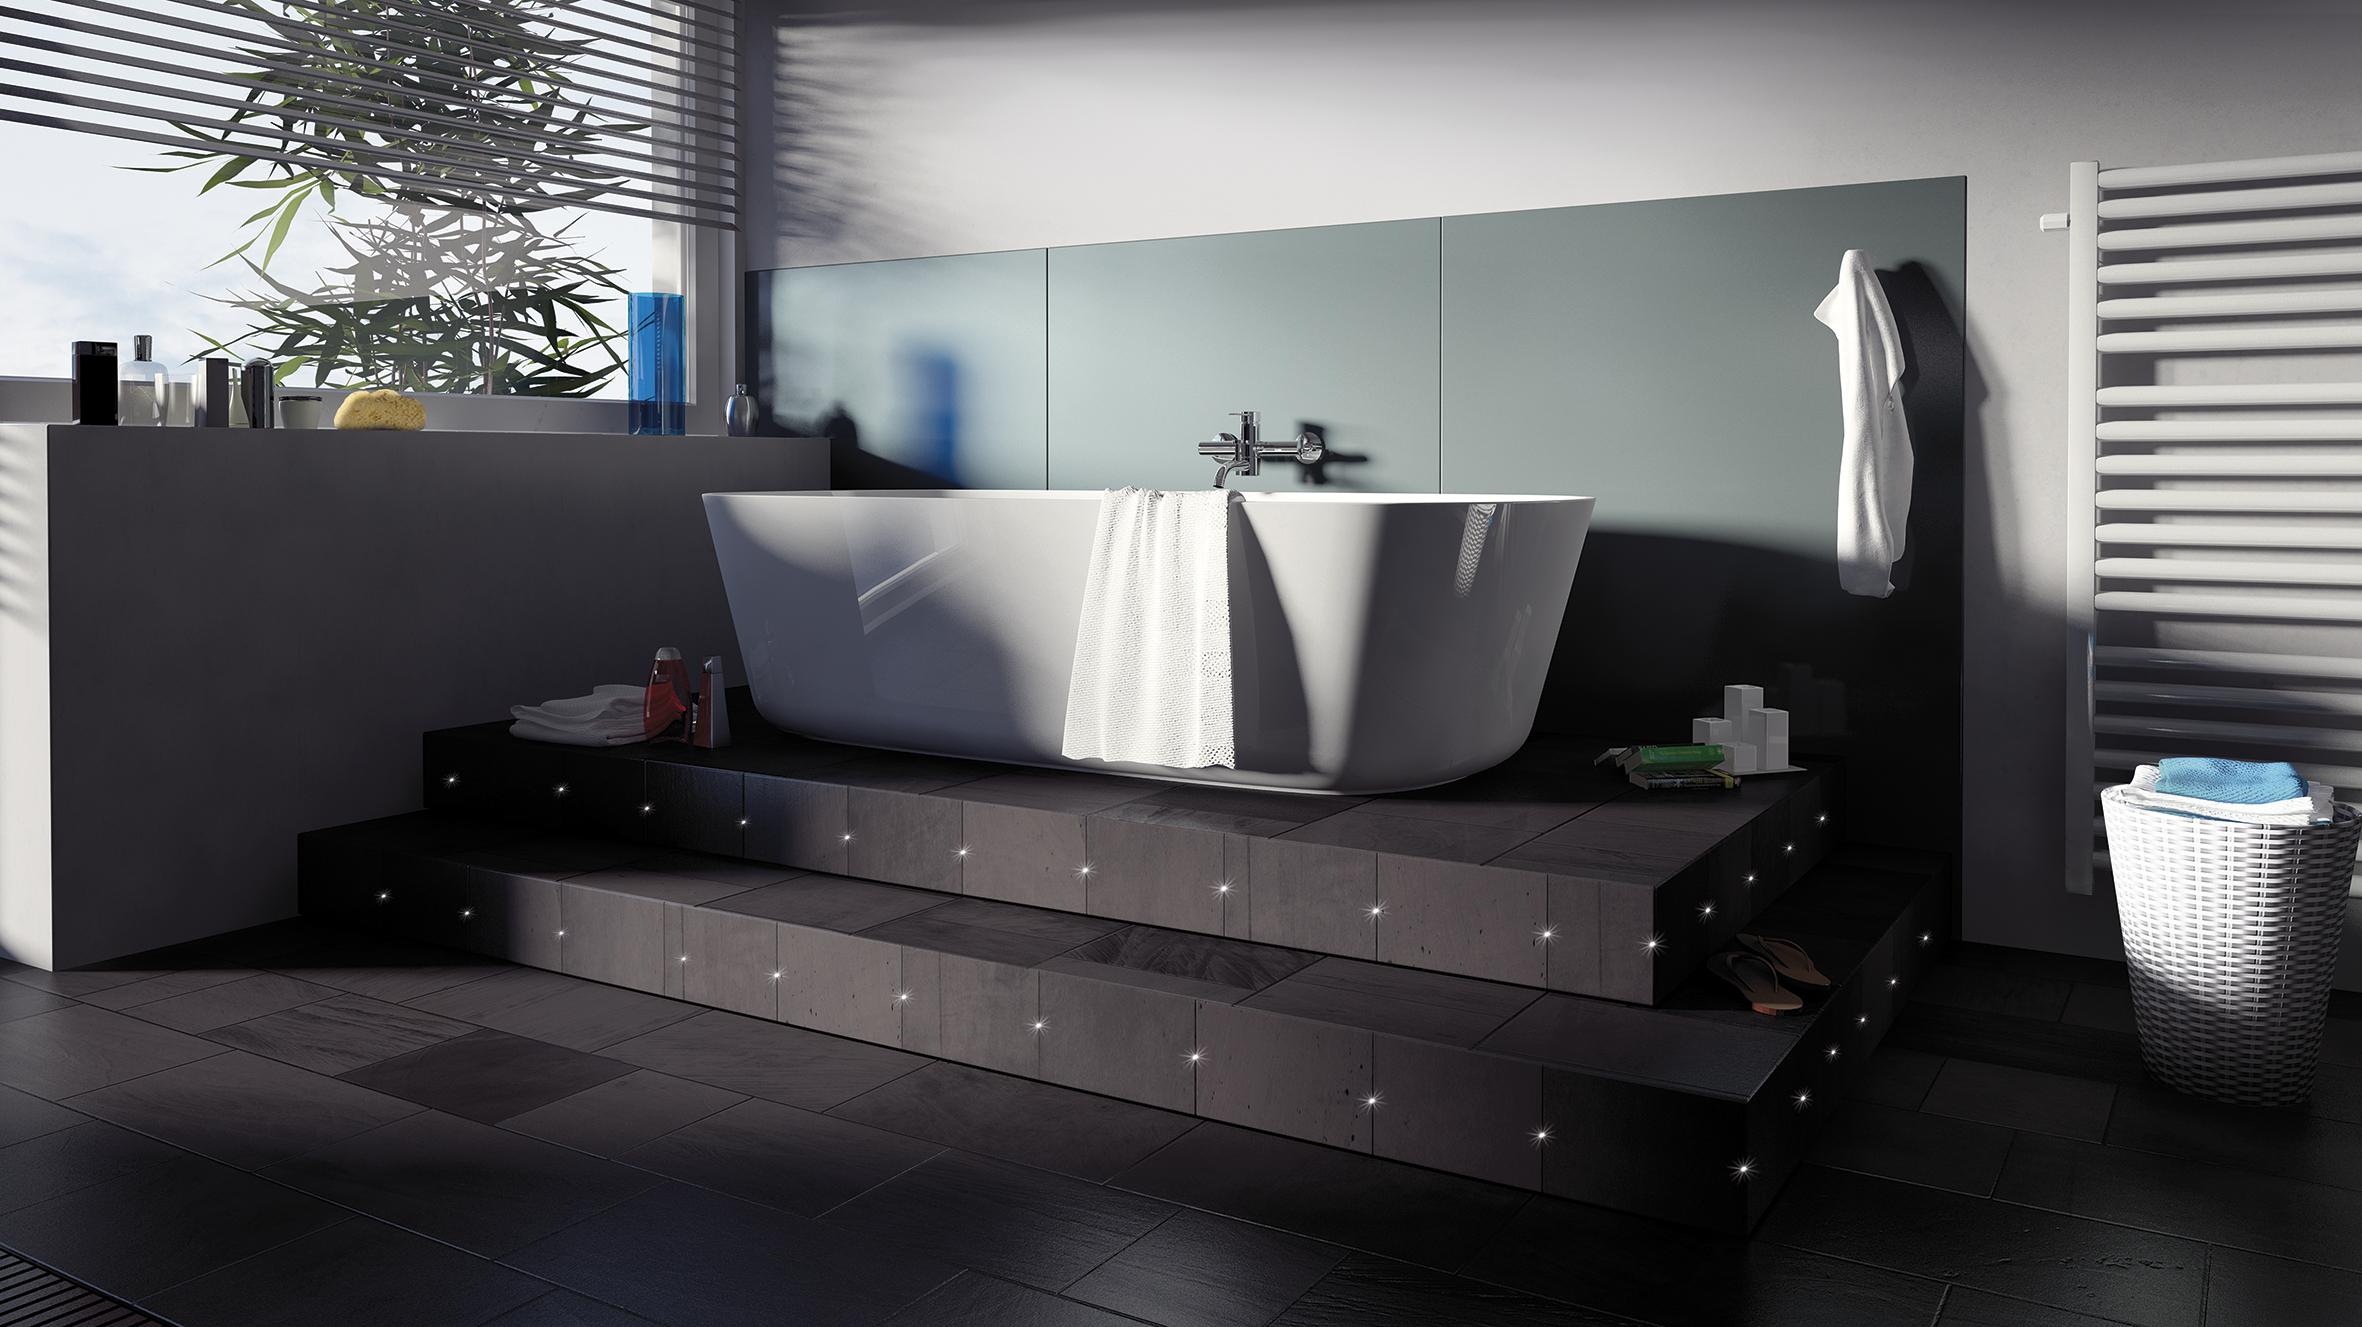 Ledky zdobí schody k vaně. Aulix.